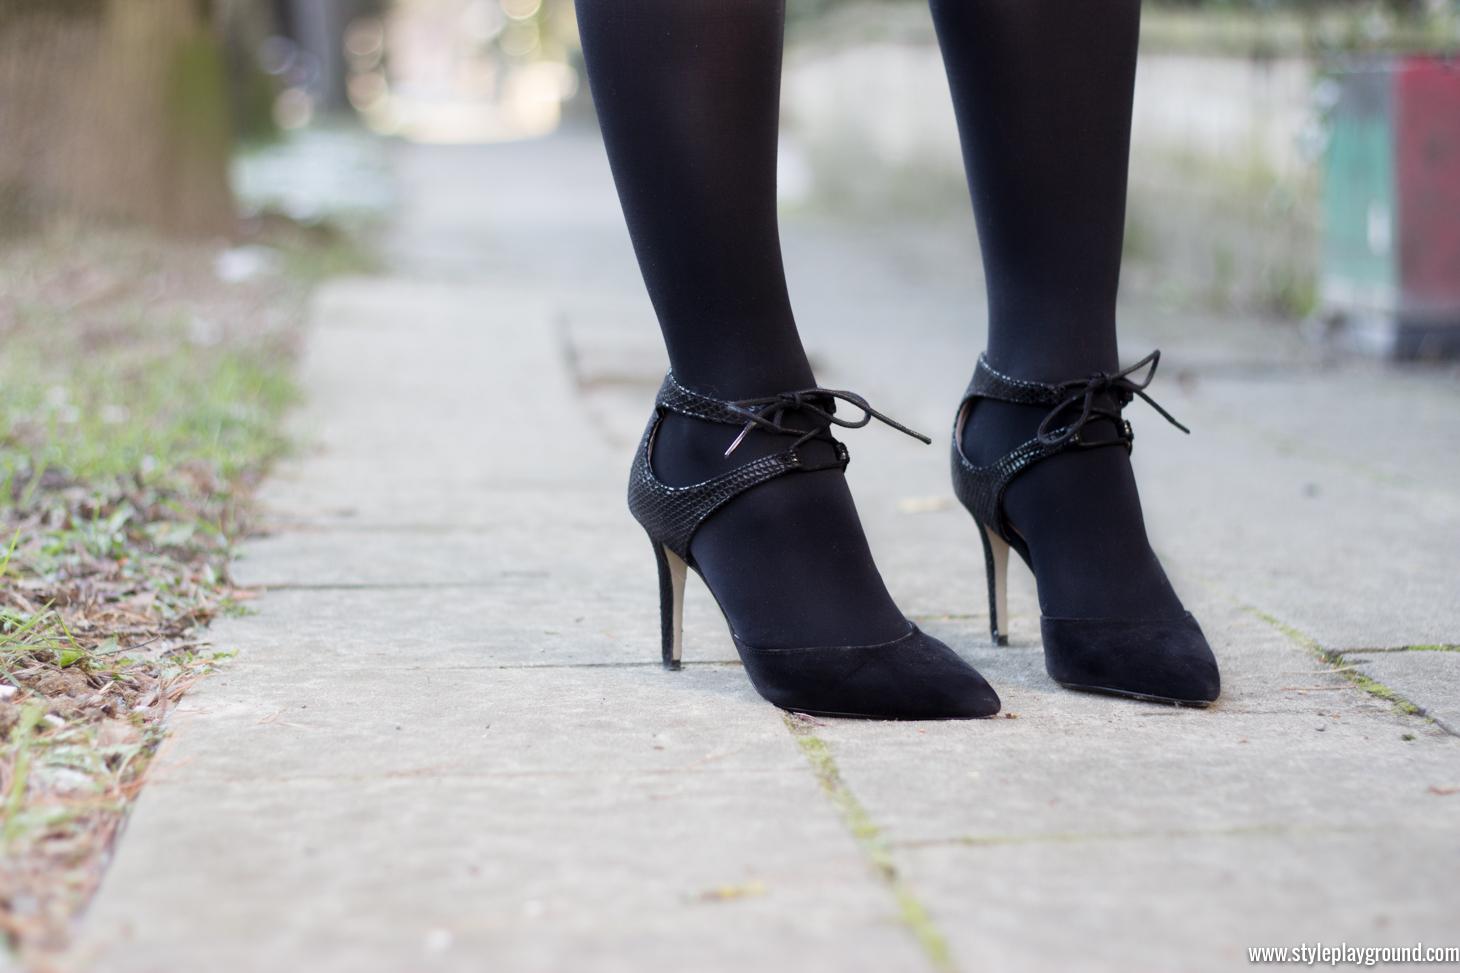 Vero Moda dress, Vila blazer, Dorothy Perkins shoes, DKNY Bryant Park bag via www.styleplayground.com